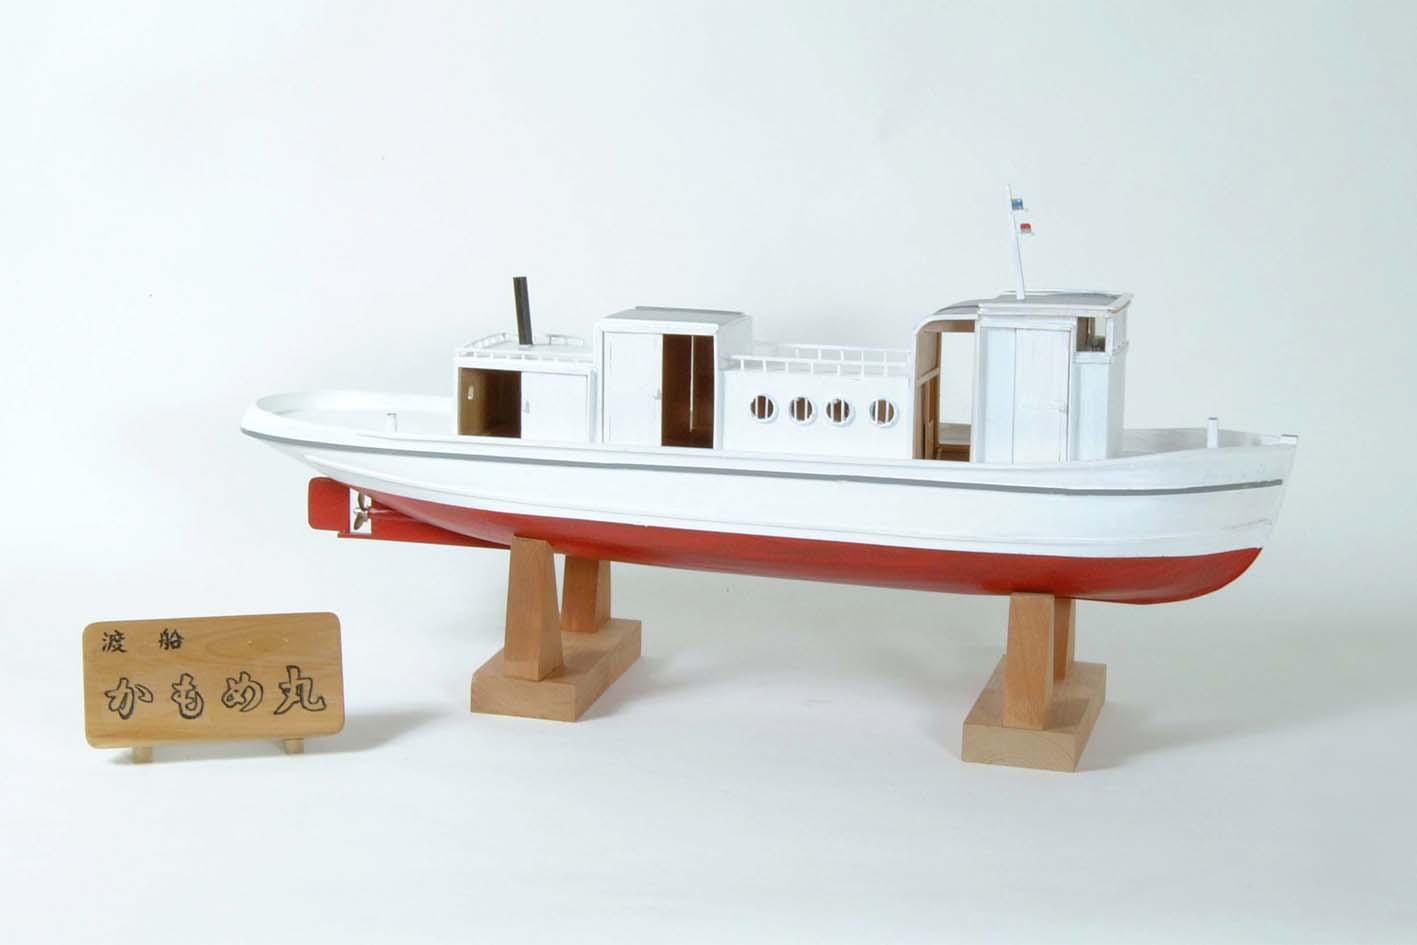 渡船 » 厚岸町海事記念館